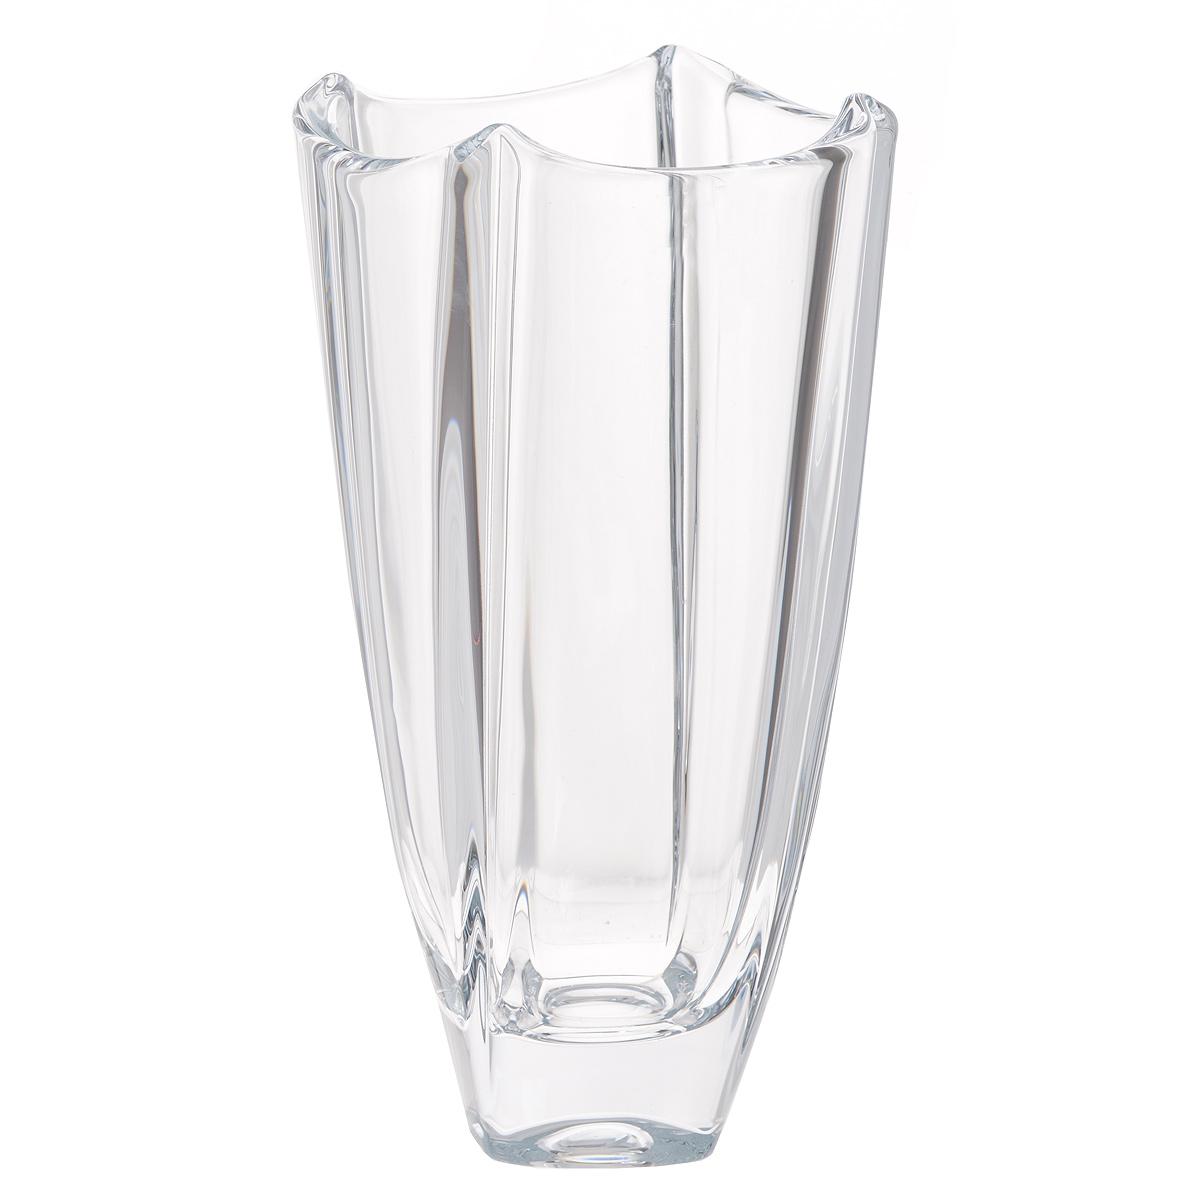 Ваза Crystalite Bohemia Колосеум, высота 25,5 см8KF79/0/99R14/255Изящная ваза Crystalite Bohemia Колосеум изготовлена из прочного утолщенного стекла кристалайт. Она красиво переливается и излучает приятный блеск. Ваза оснащена рельефной поверхностью и неровными краями, что делает ее изящным украшением интерьера. Ваза Crystalite Bohemia Колосеум дополнит интерьер офиса или дома и станет желанным и стильным подарком.